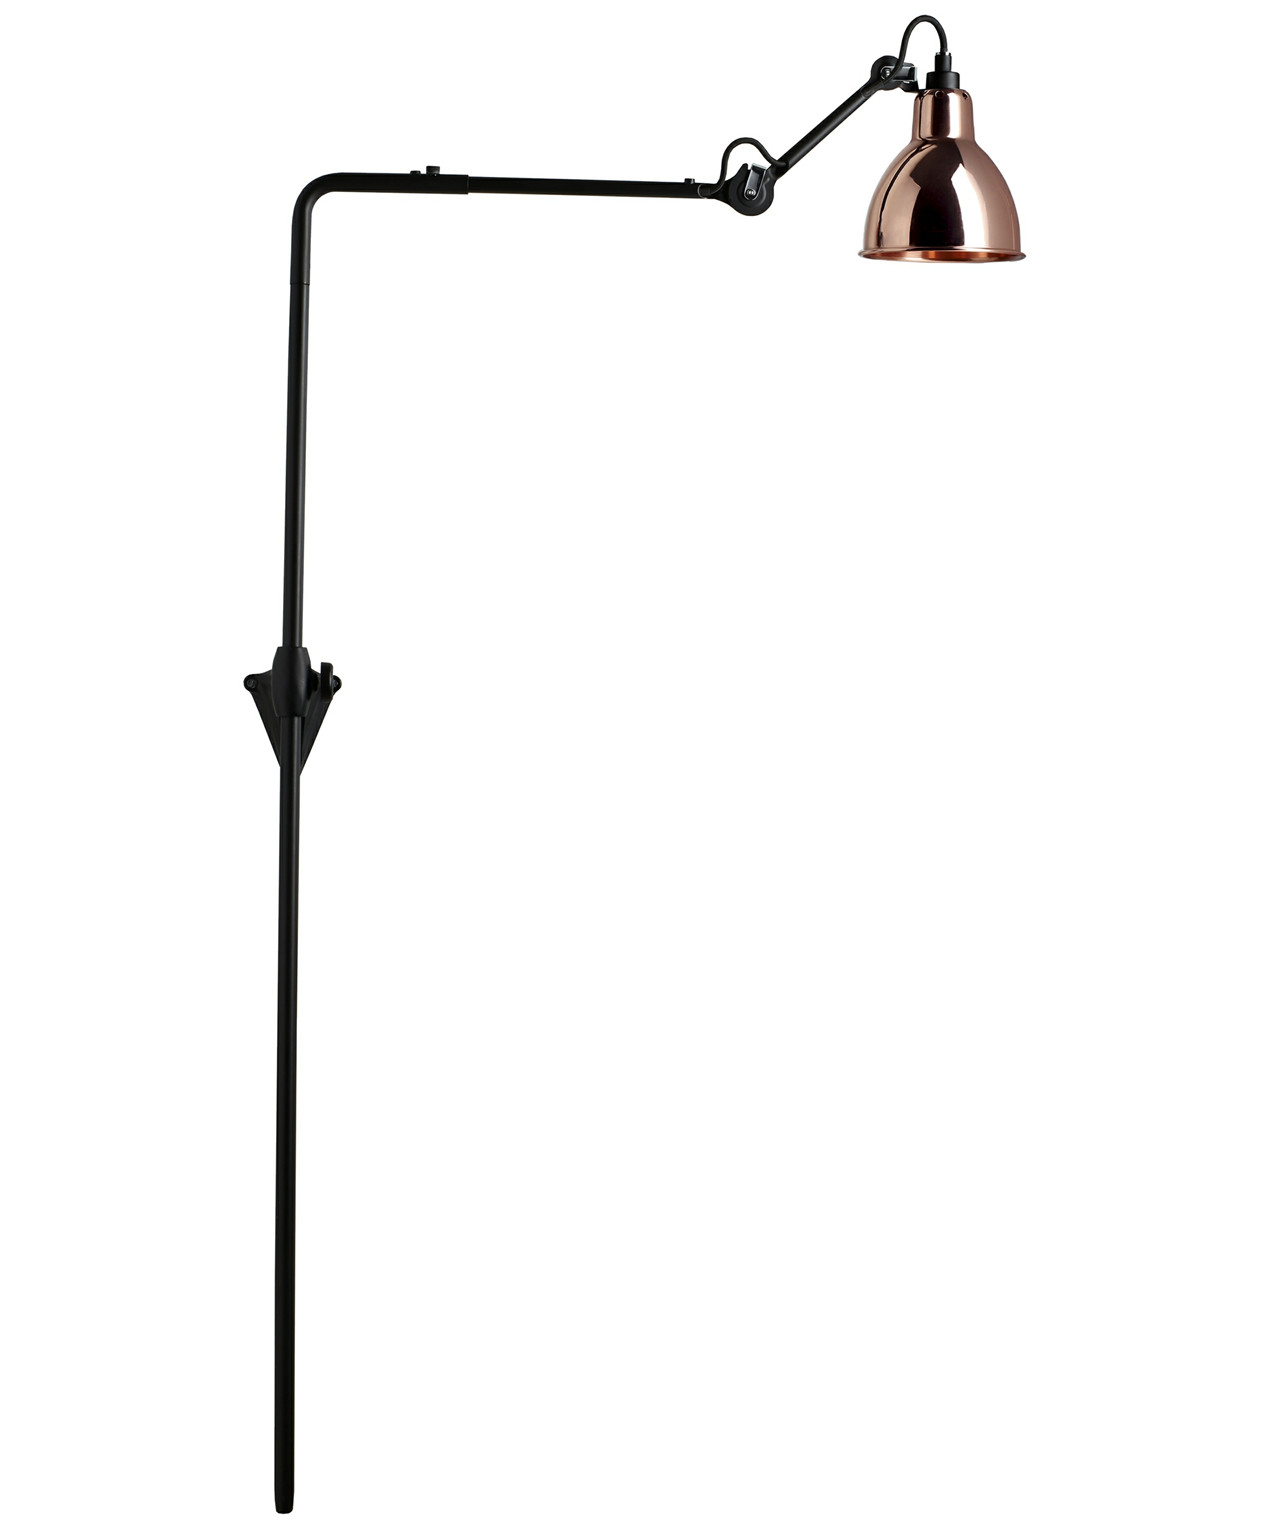 Image of   216 Væglampe Sort/Kobber - Lampe Gras